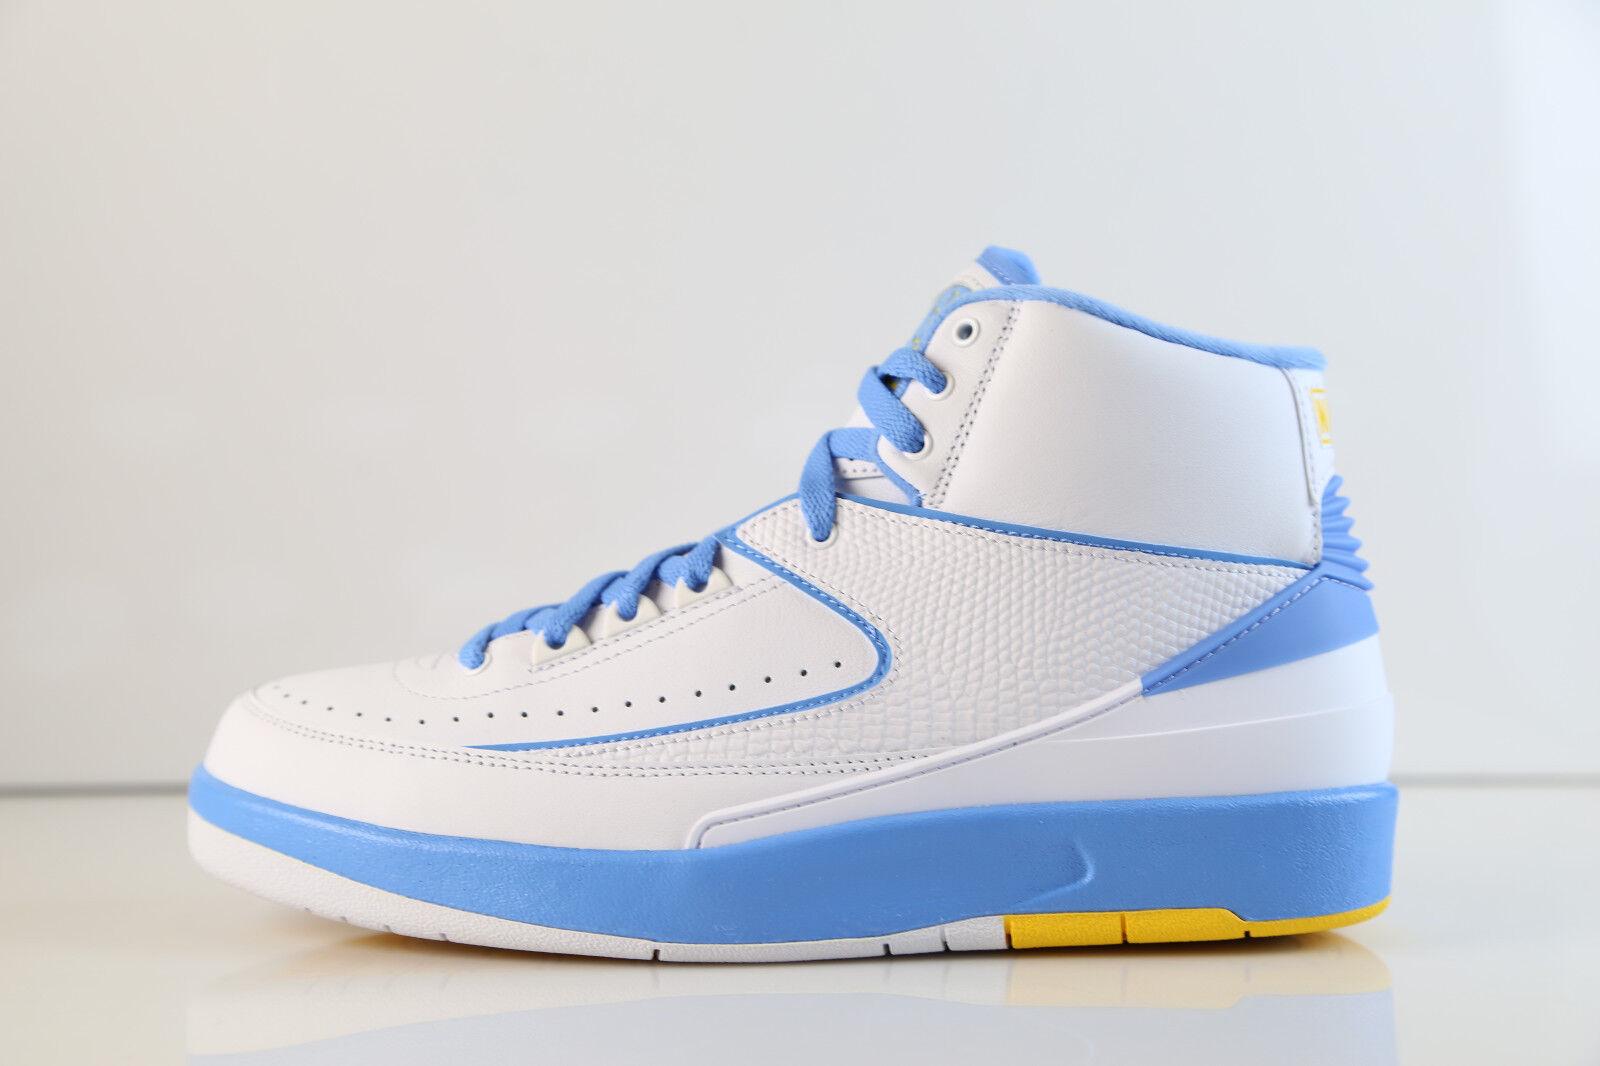 Air Jordan Retro 2 Melo White Varsity Maize University Blue Blue Blue 2018 385475-122 7 1e4925